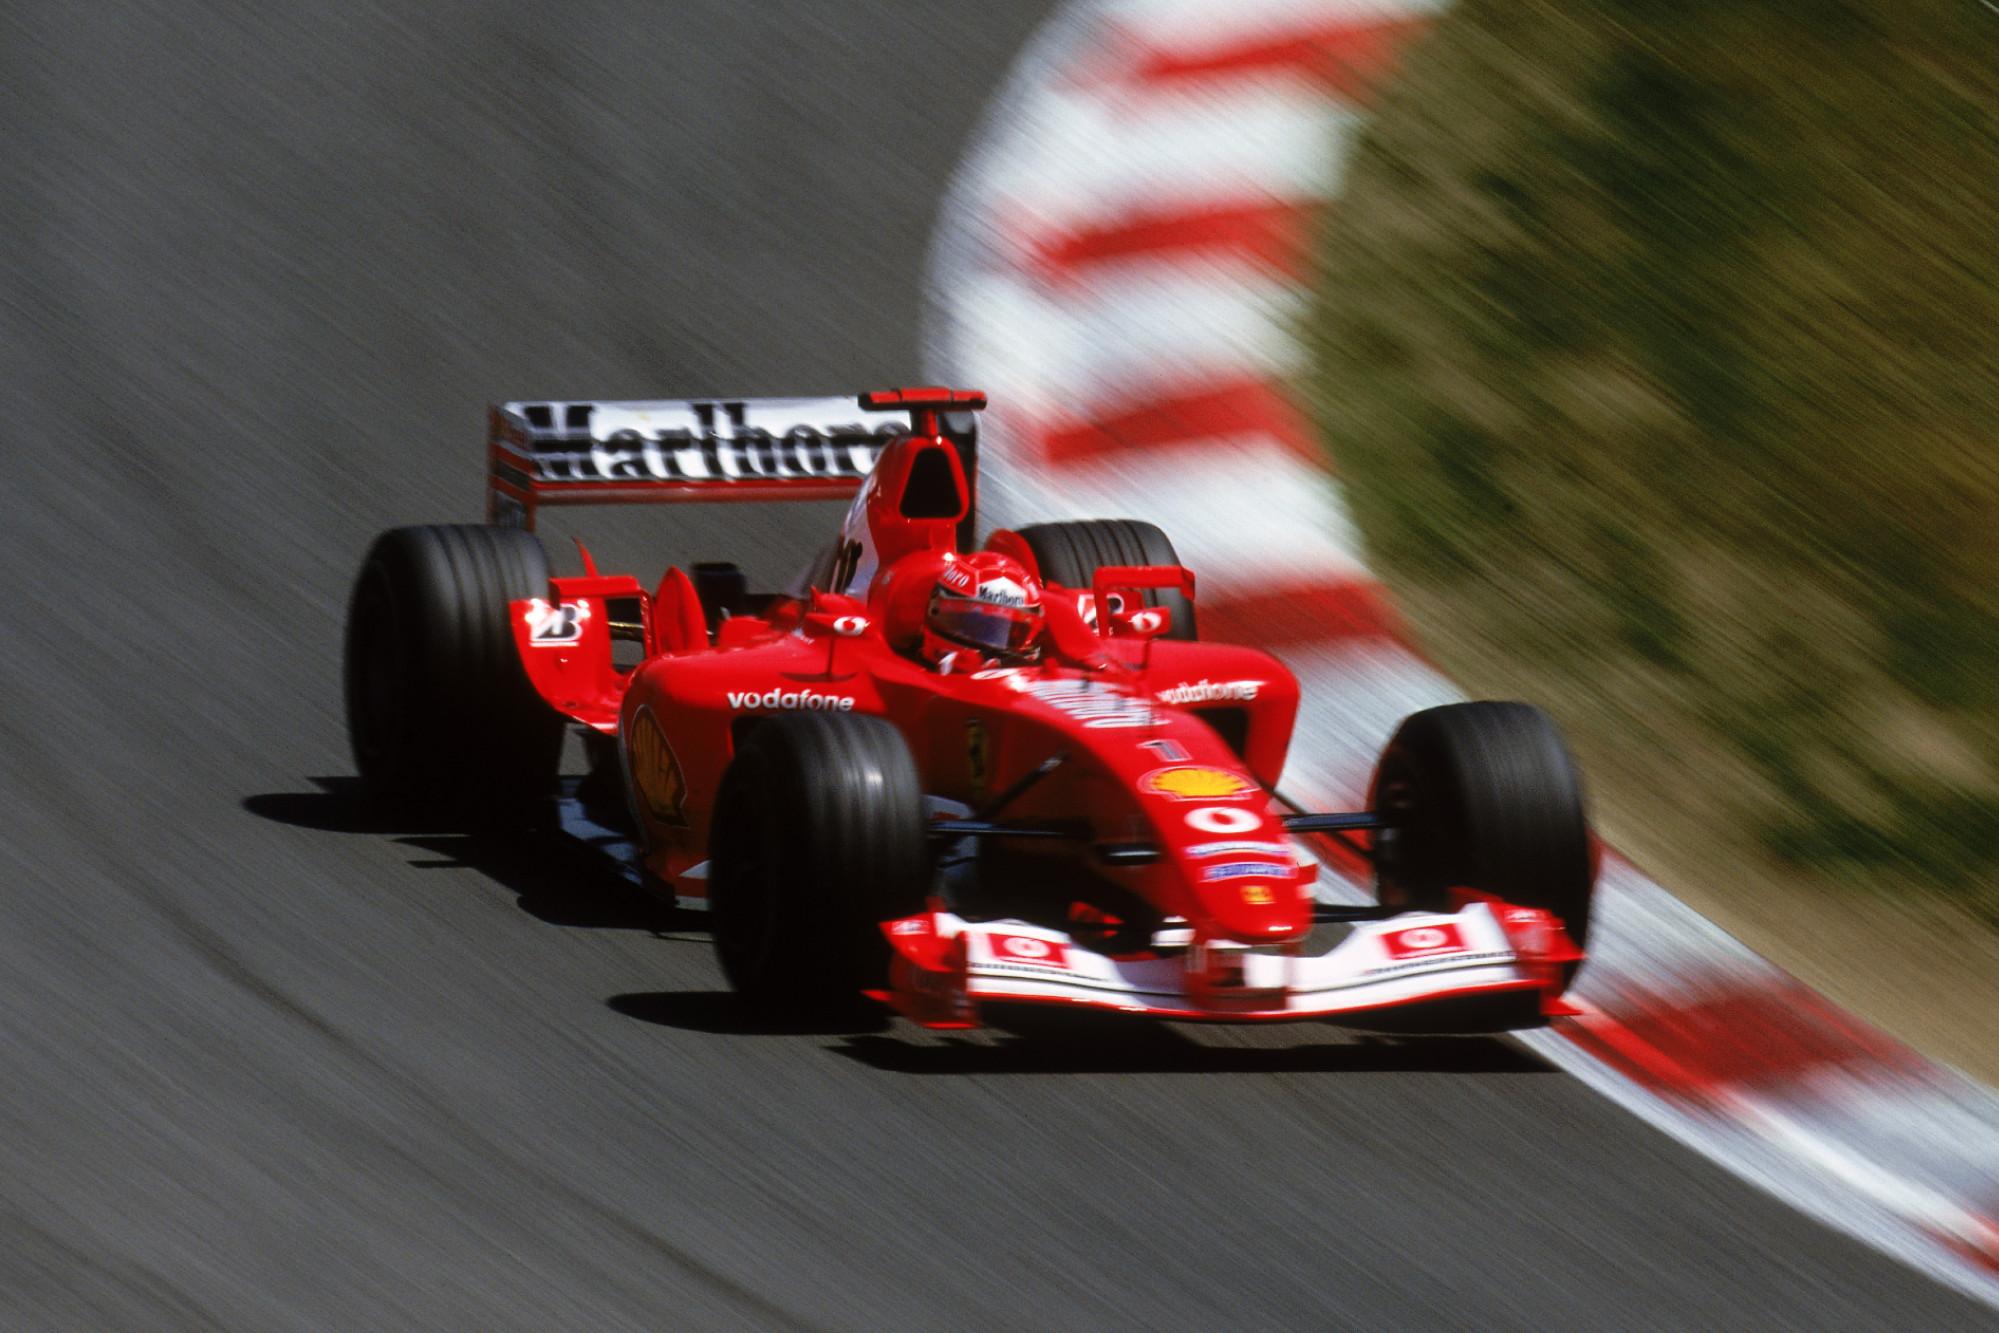 2003 Spanish GP, Michael Schumacher